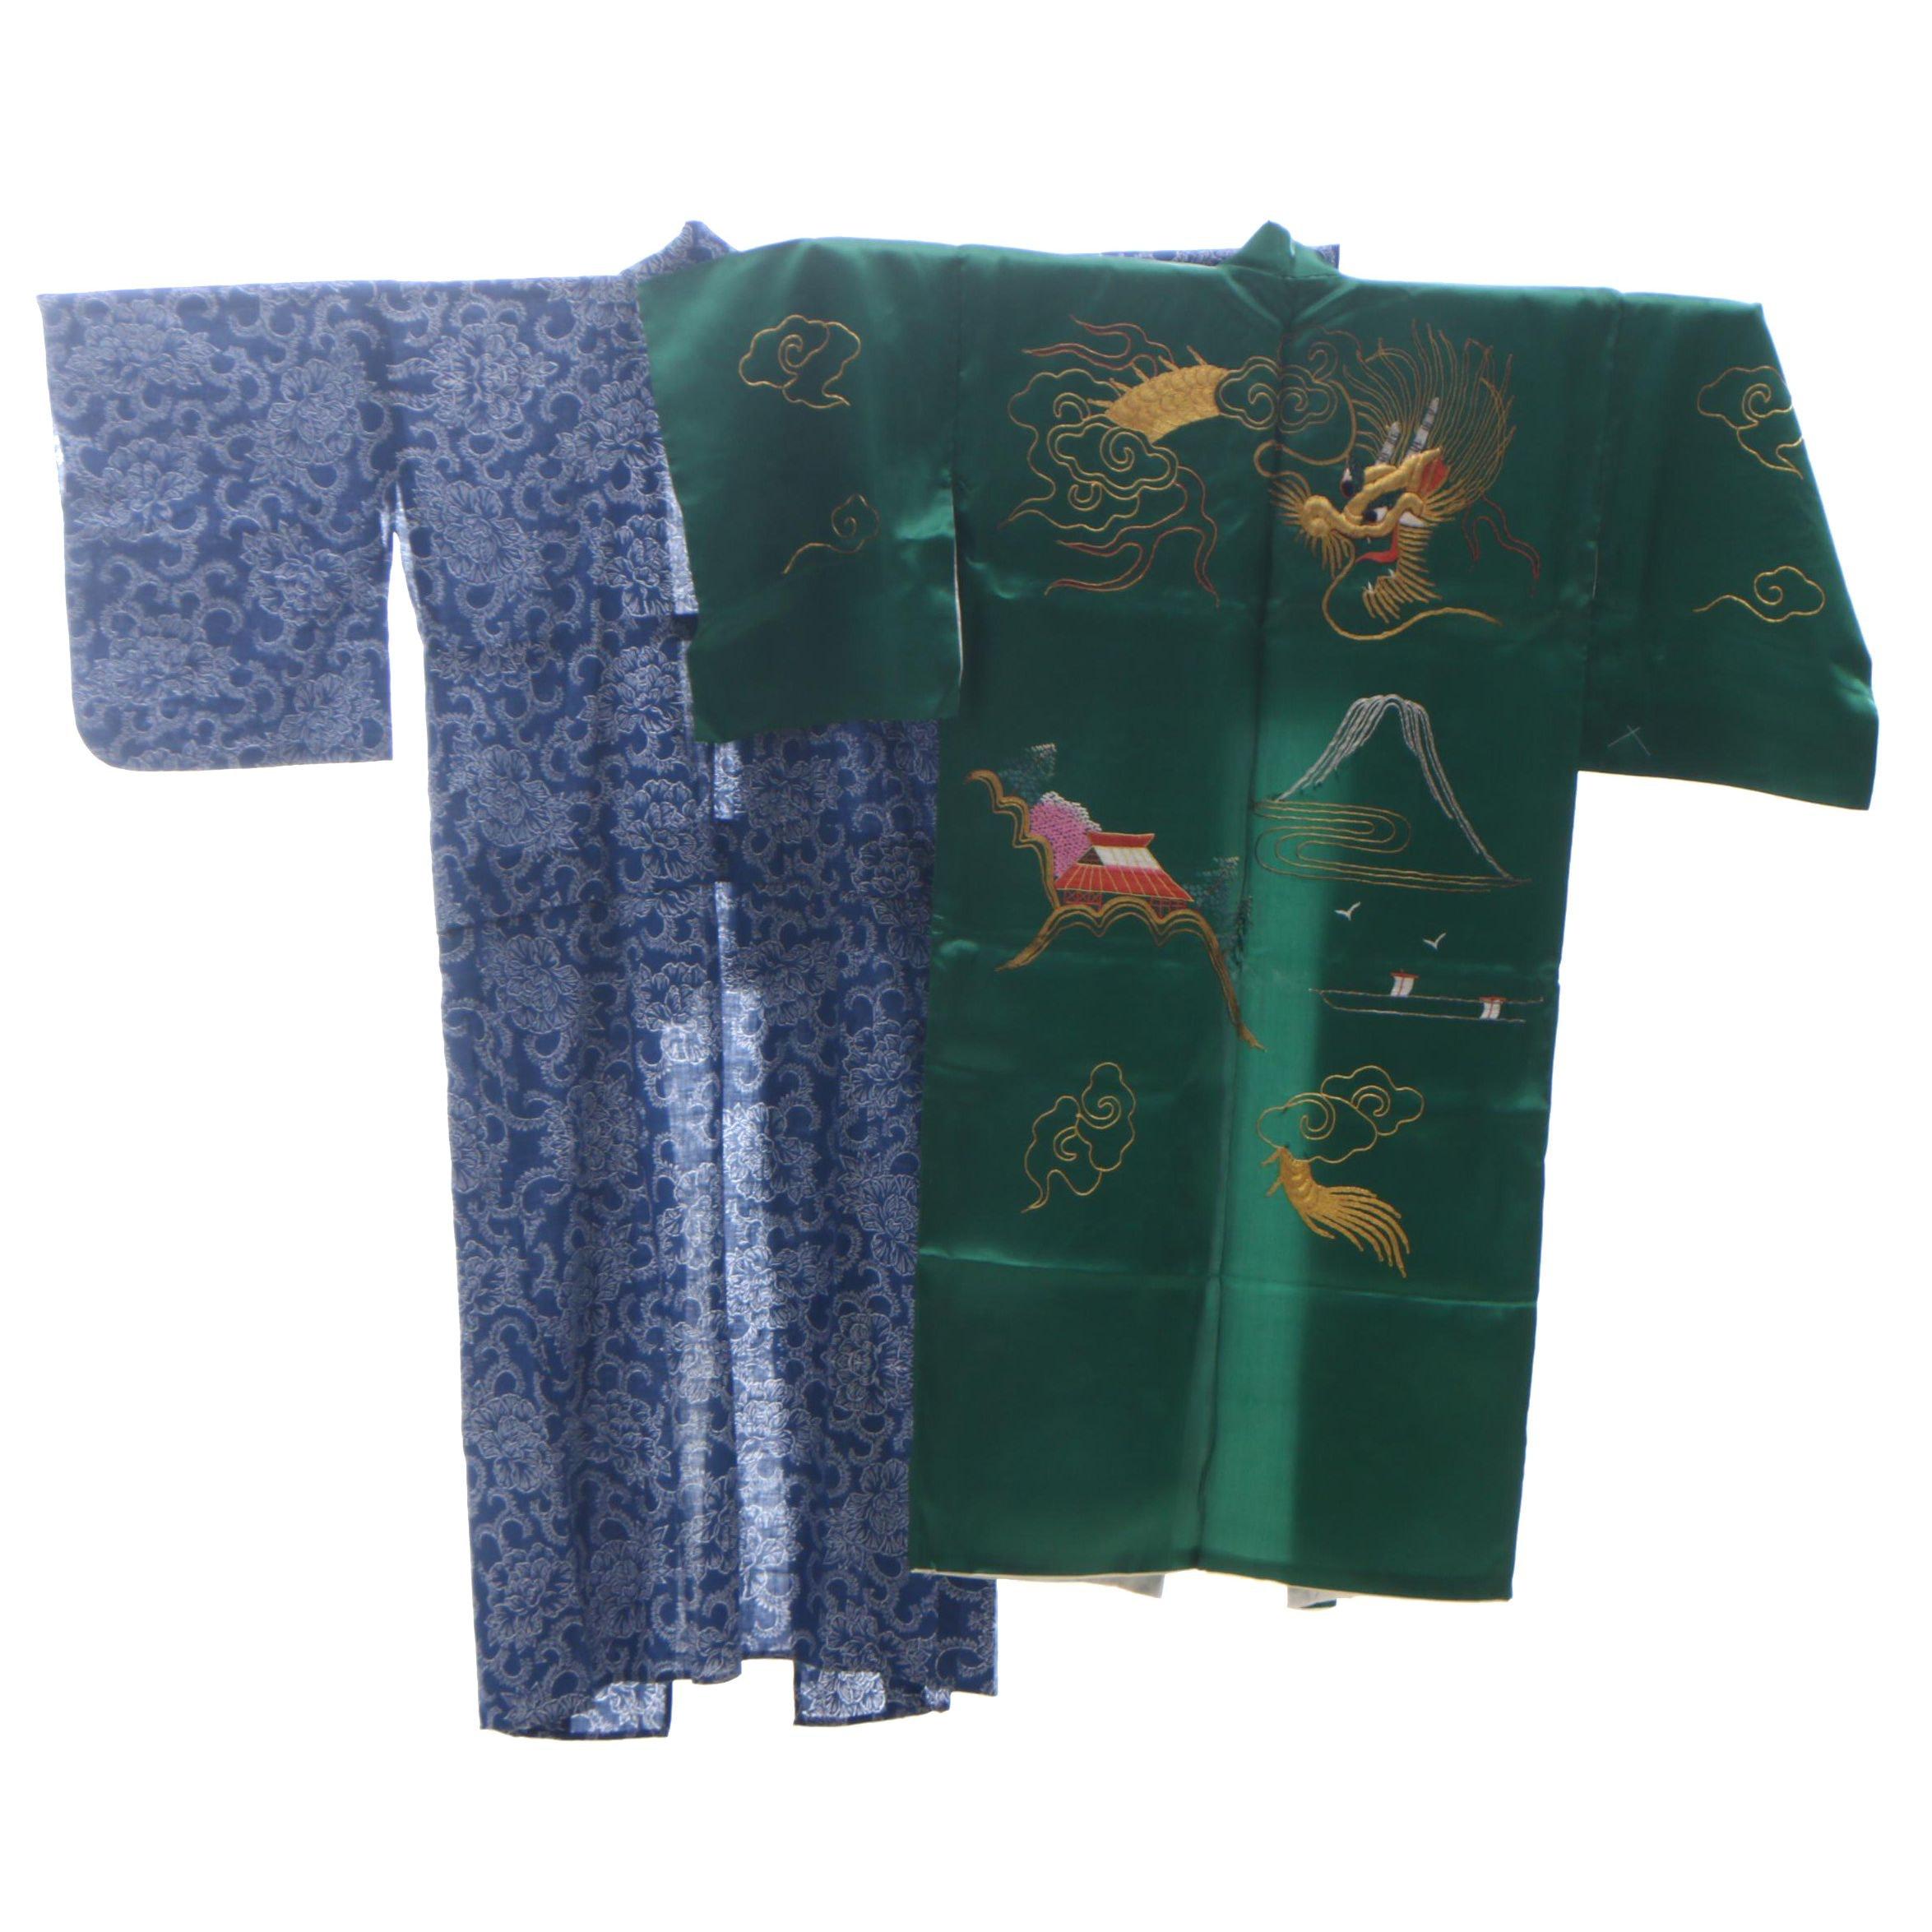 Blue Cotton Yukata with Embroidered Silk Satin Kimono-Style Robe, Mid-Century